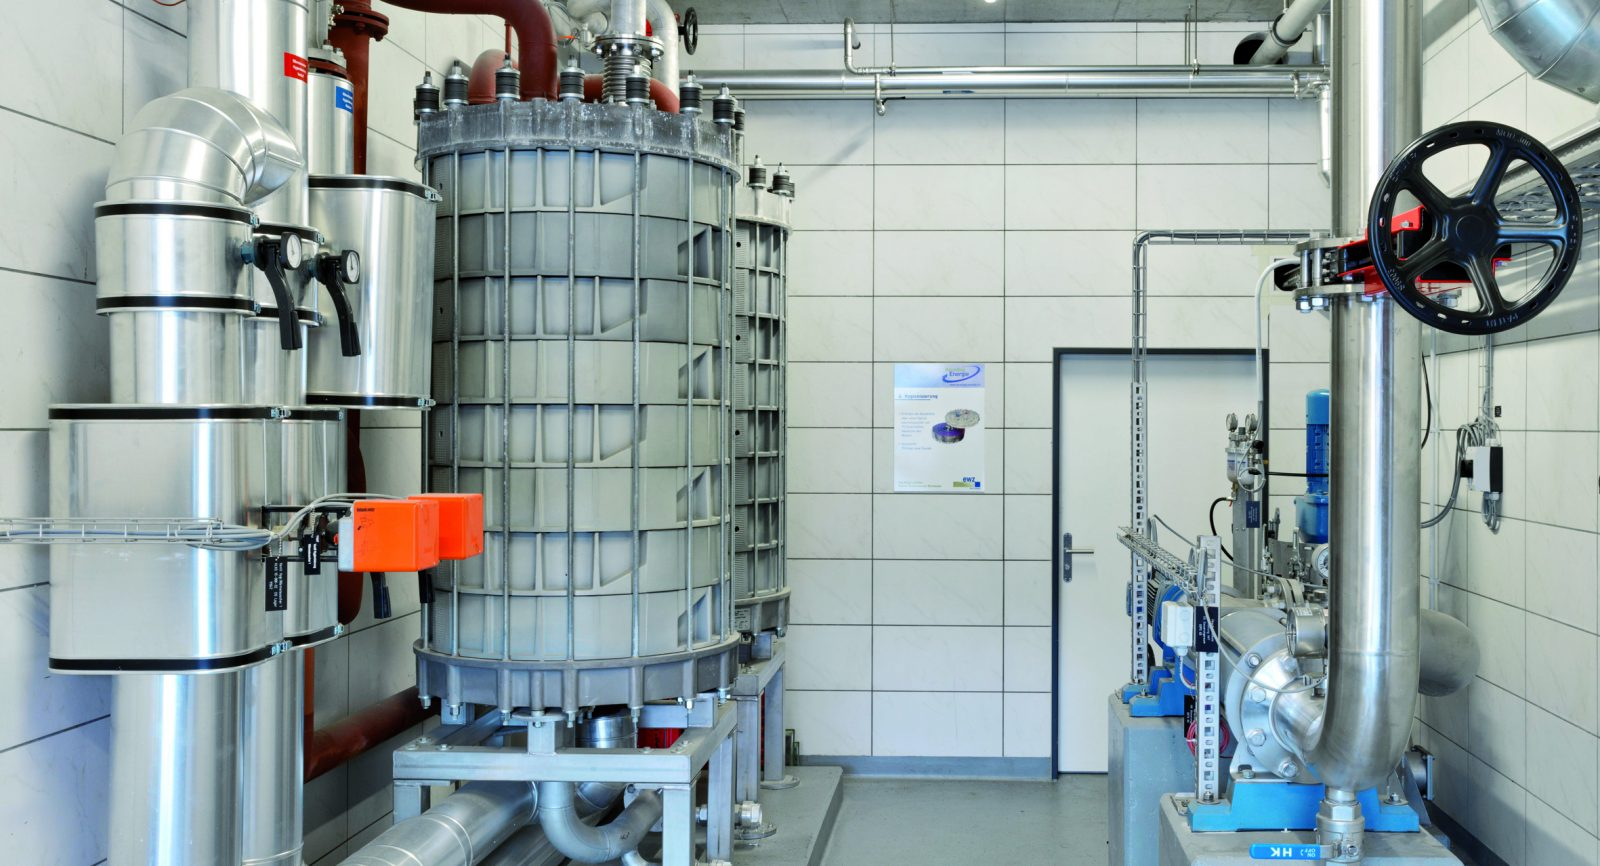 Die durch die Blockheizkraftwerke erzeugte Wärme wird u.a. auch in den beiden Spiralwärmetauschern genutzt, in denen die angelieferten und zerkleinerten Wertstoffe hygienisiert werden. Bild: Recycling Energie AG